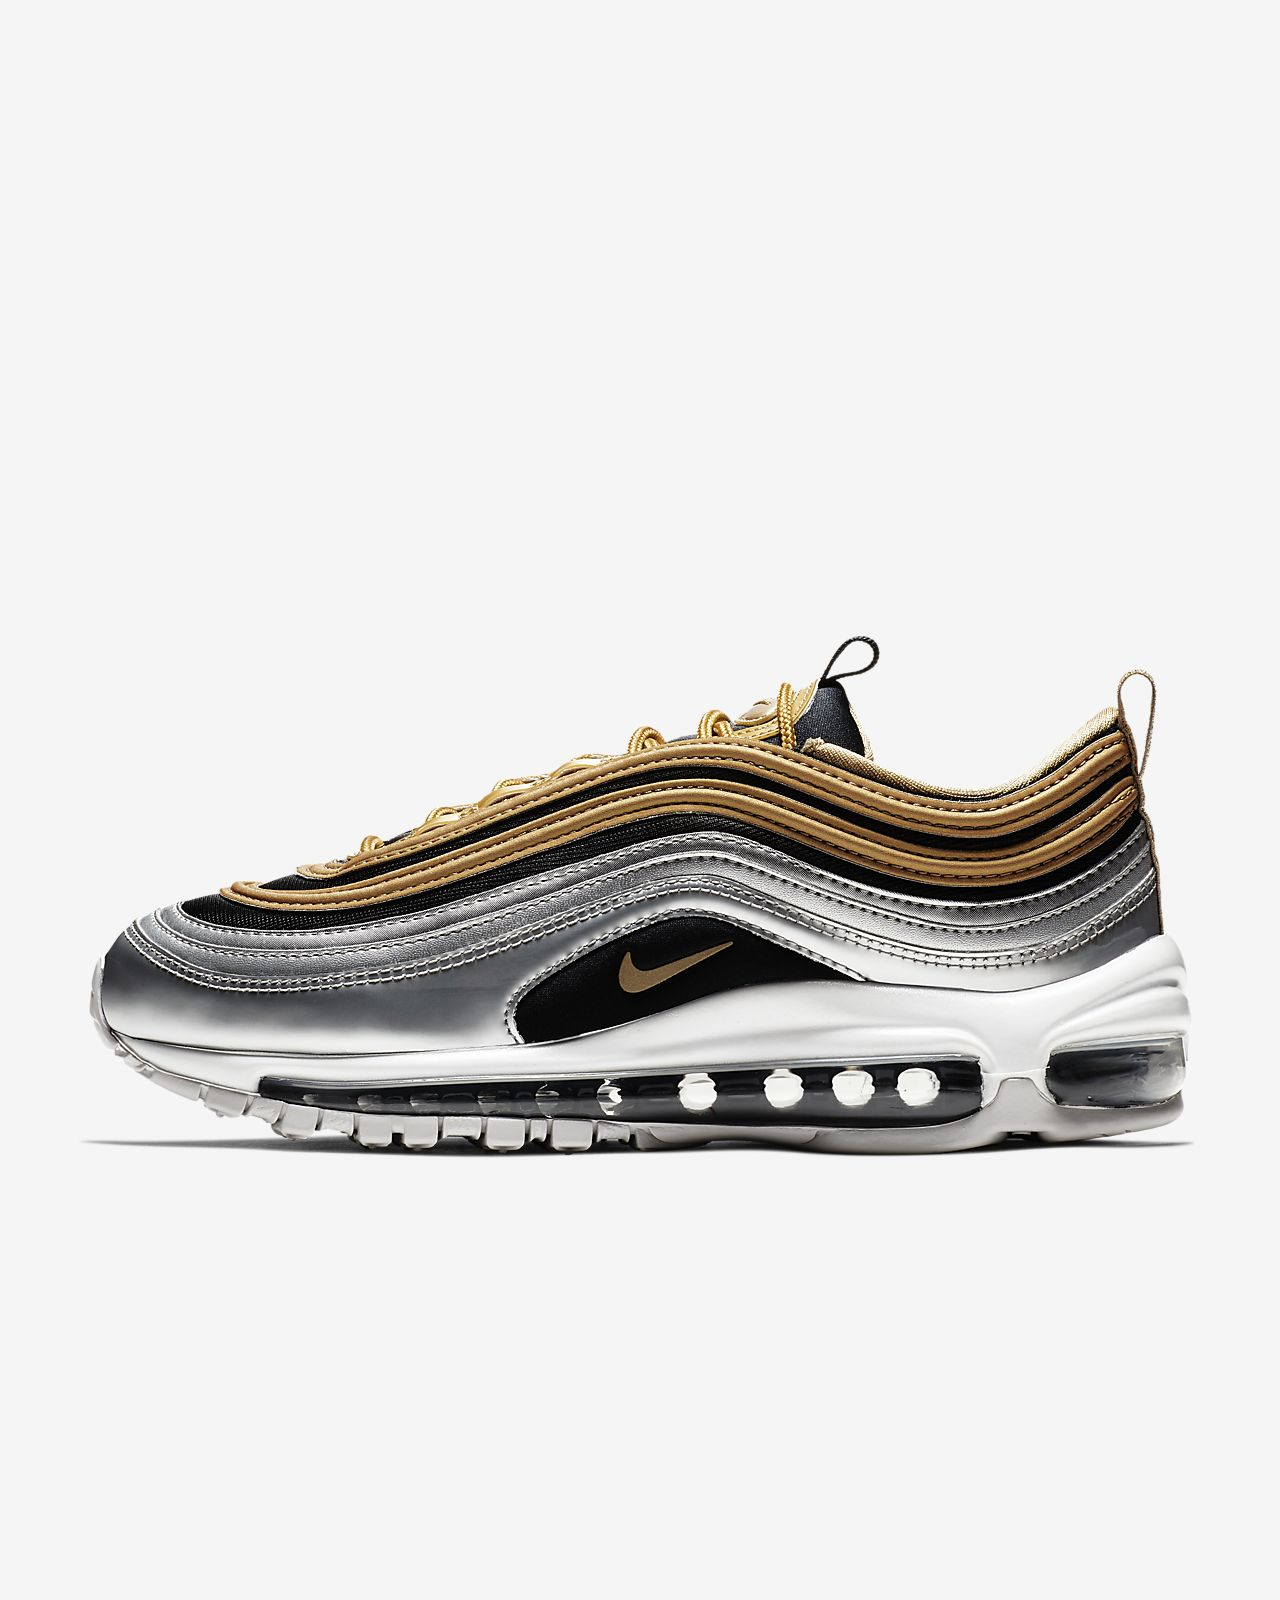 Nike Air Chaussure 97 Metallic Pour Max Femme Se dH4znqz